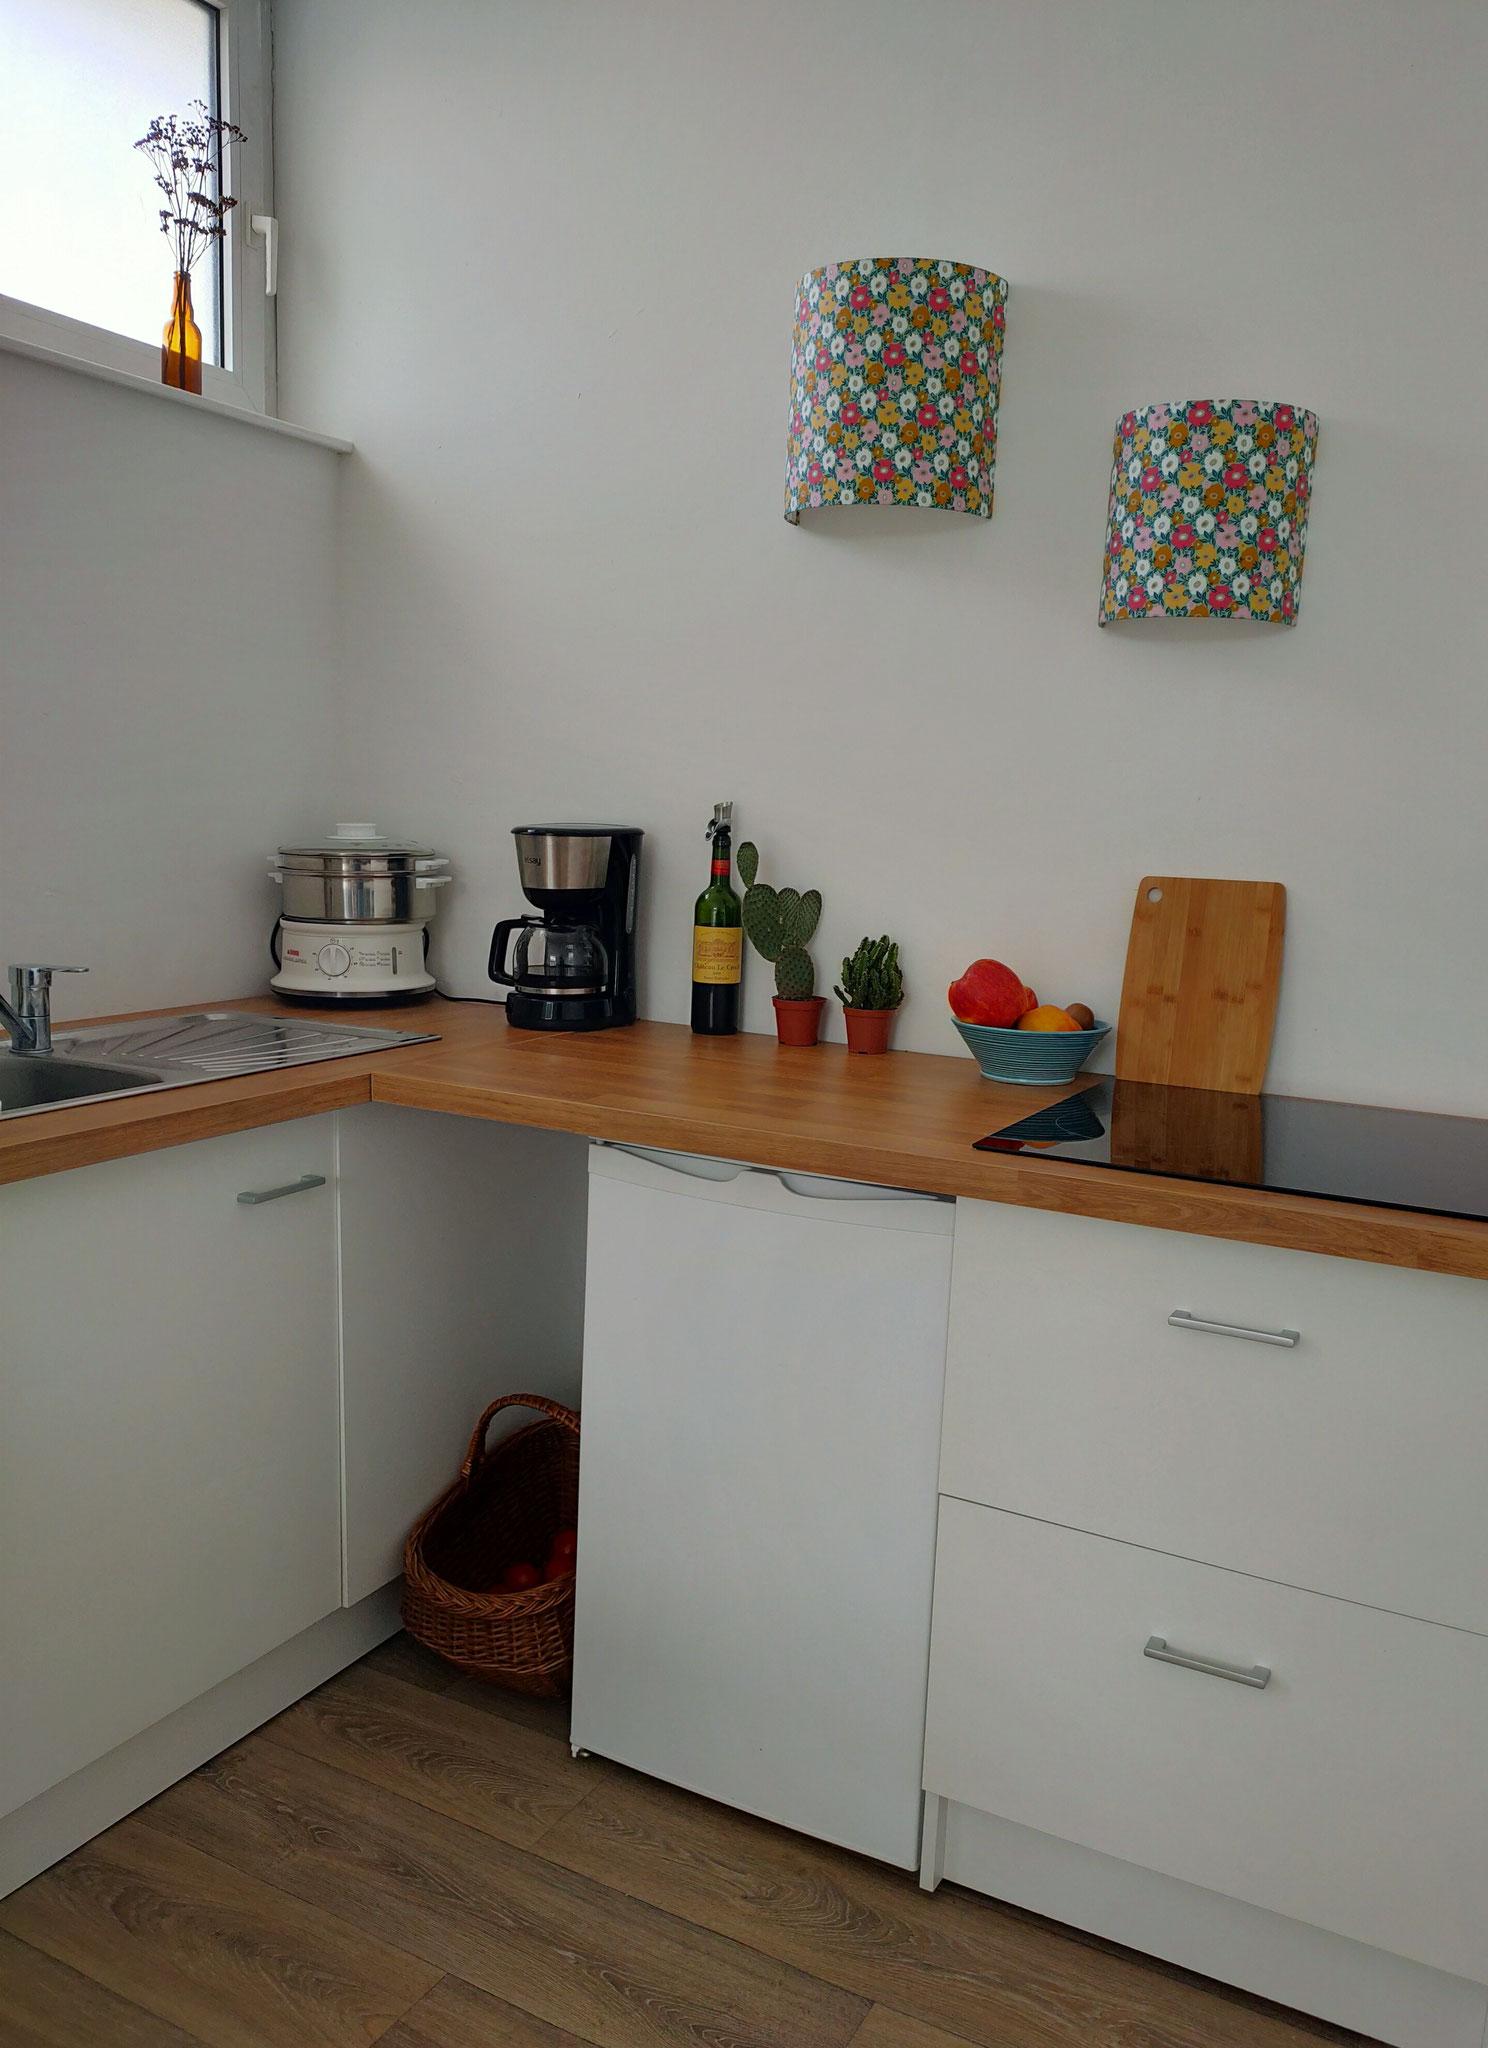 Applique murale en tissu enduit dans une cuisine